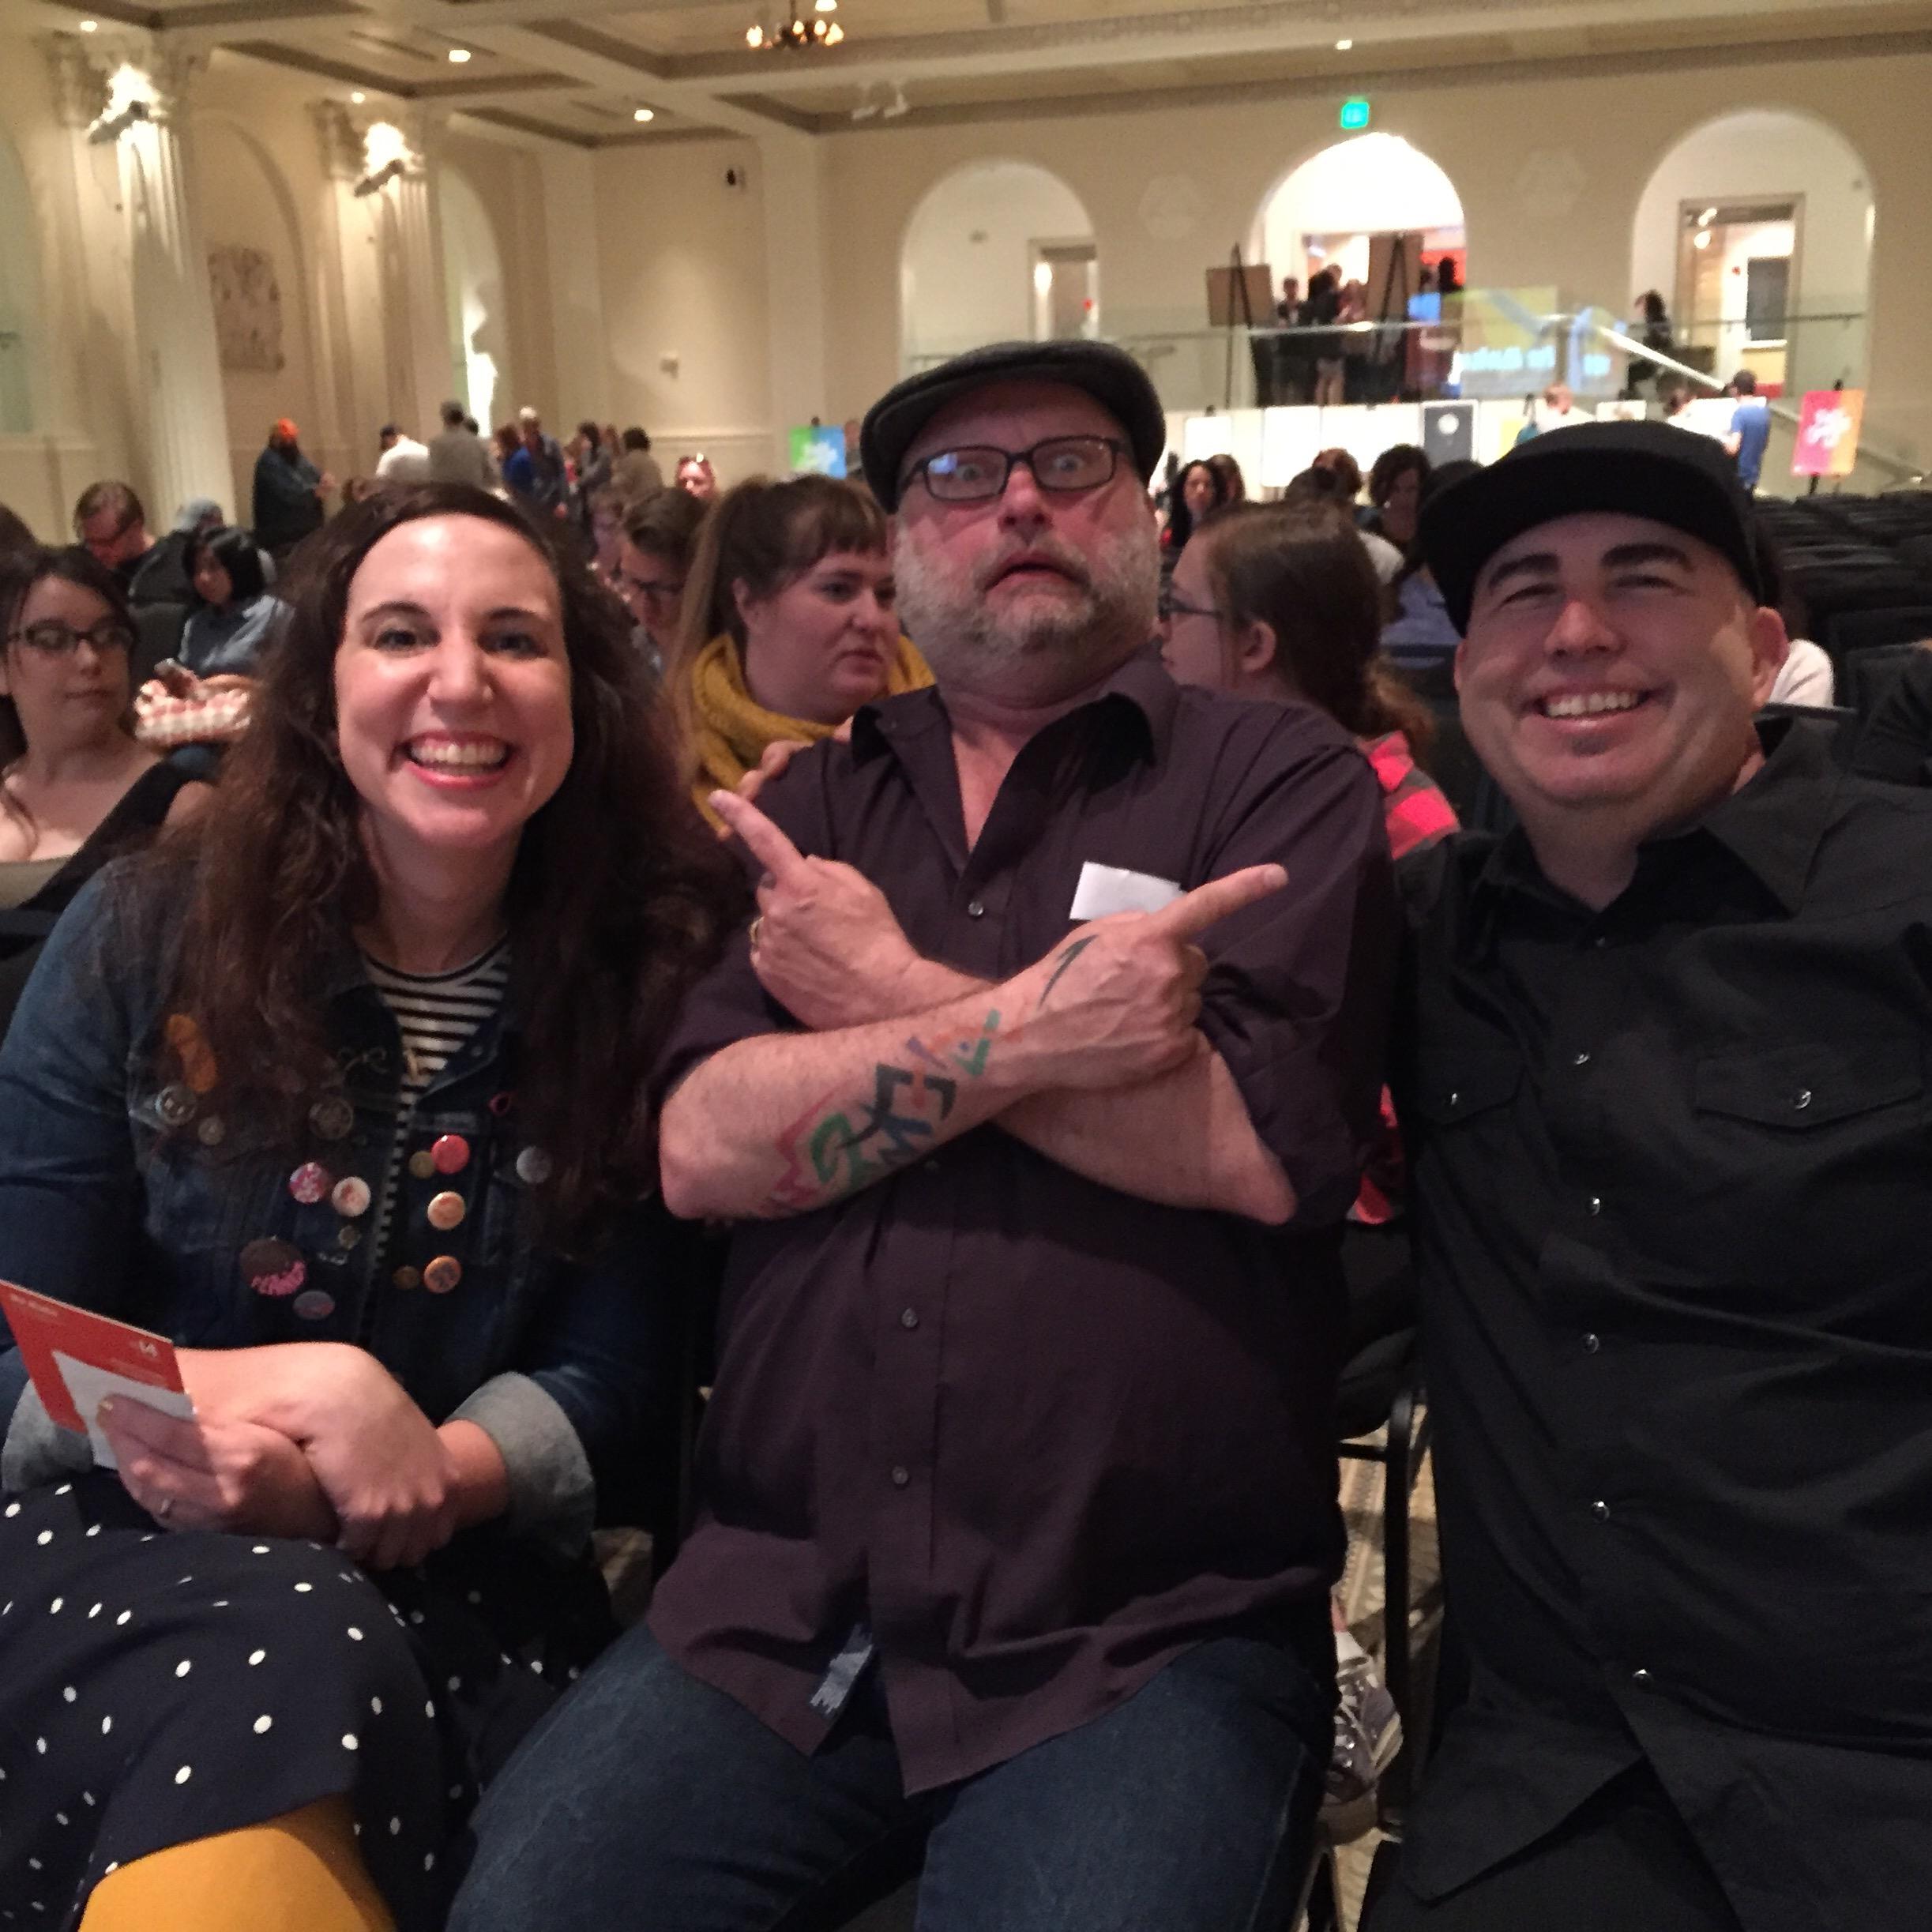 Kate Bingaman Burt, Art Chantry, and Josh